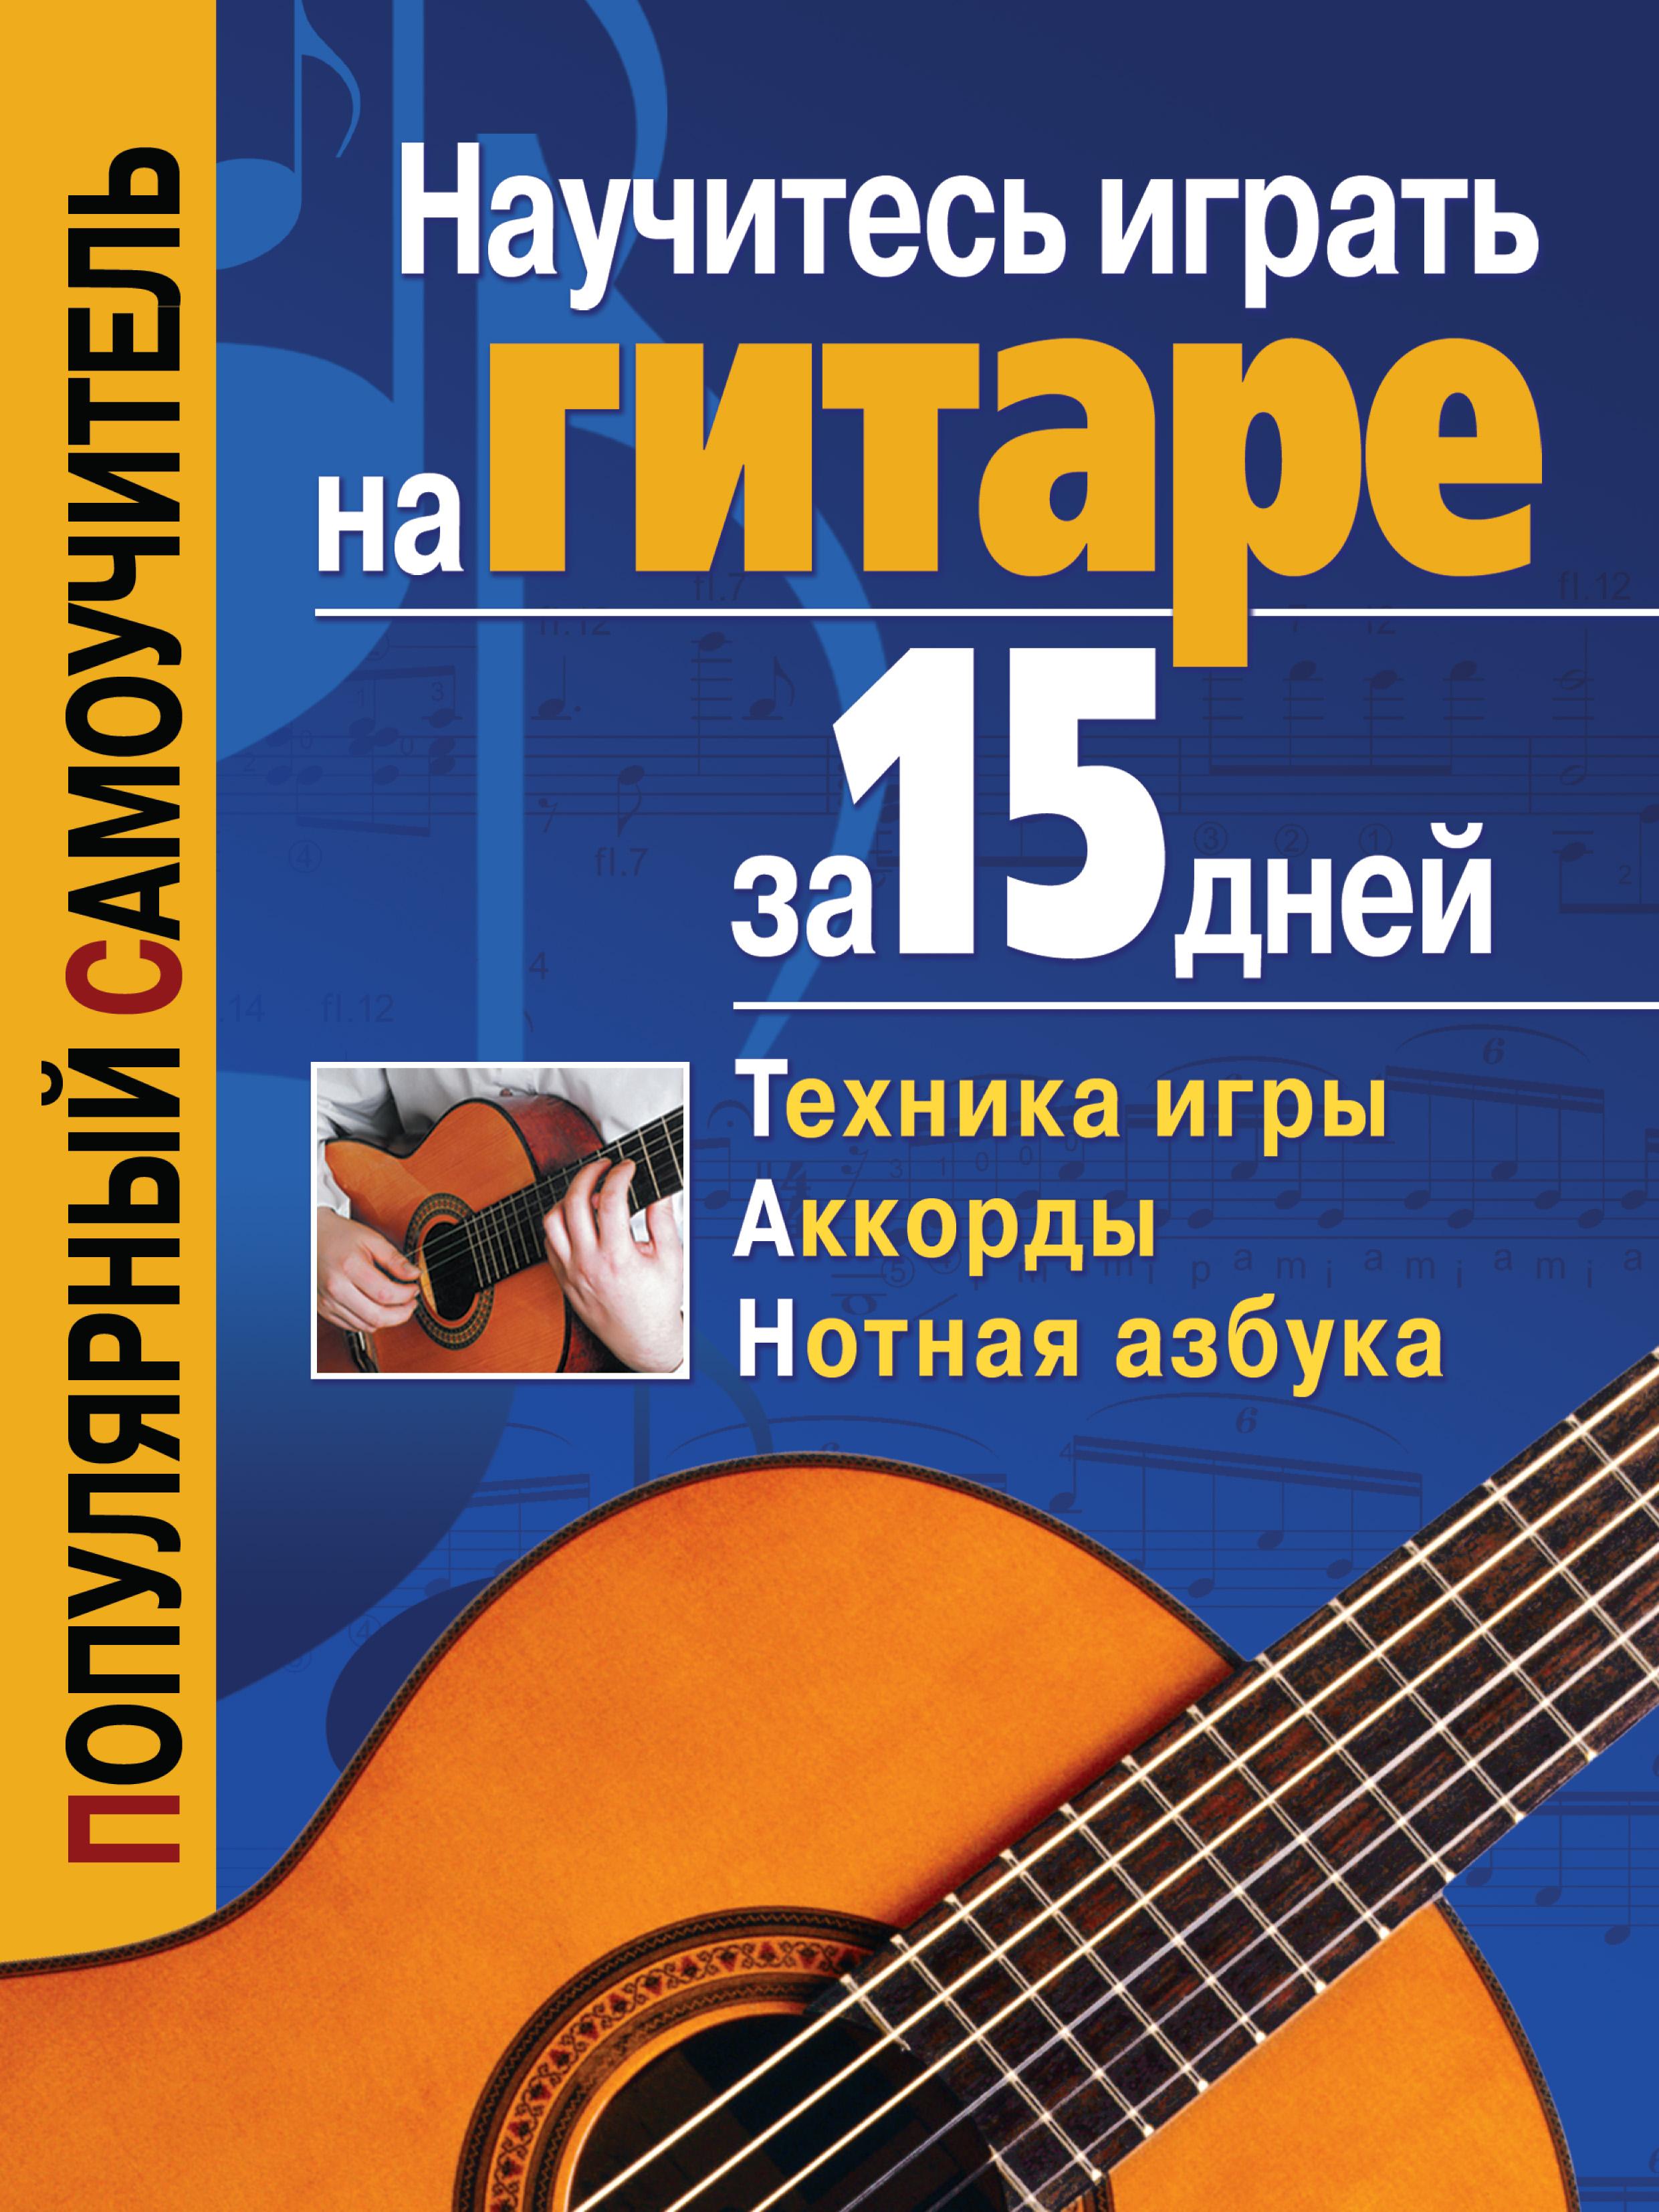 Отсутствует Научитесь играть на гитаре за 15 дней отсутствует древния государственныя грамоты наказныя памяти и челобитныя